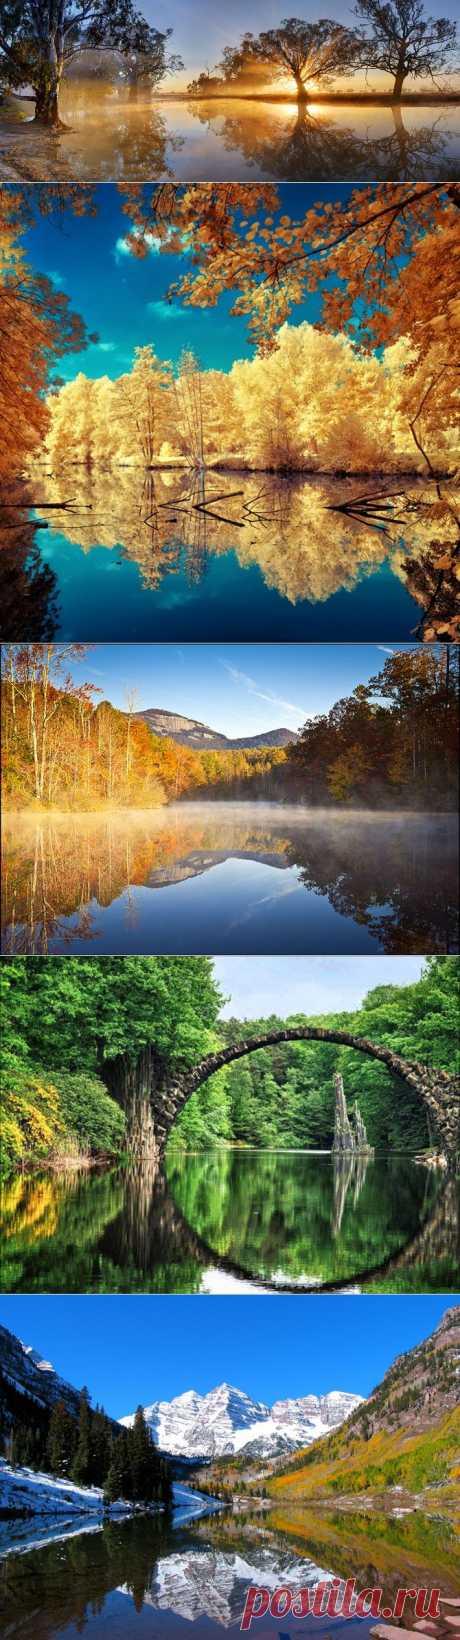 Зеркальные пейзажи | Fresher - Лучшее из Рунета за день